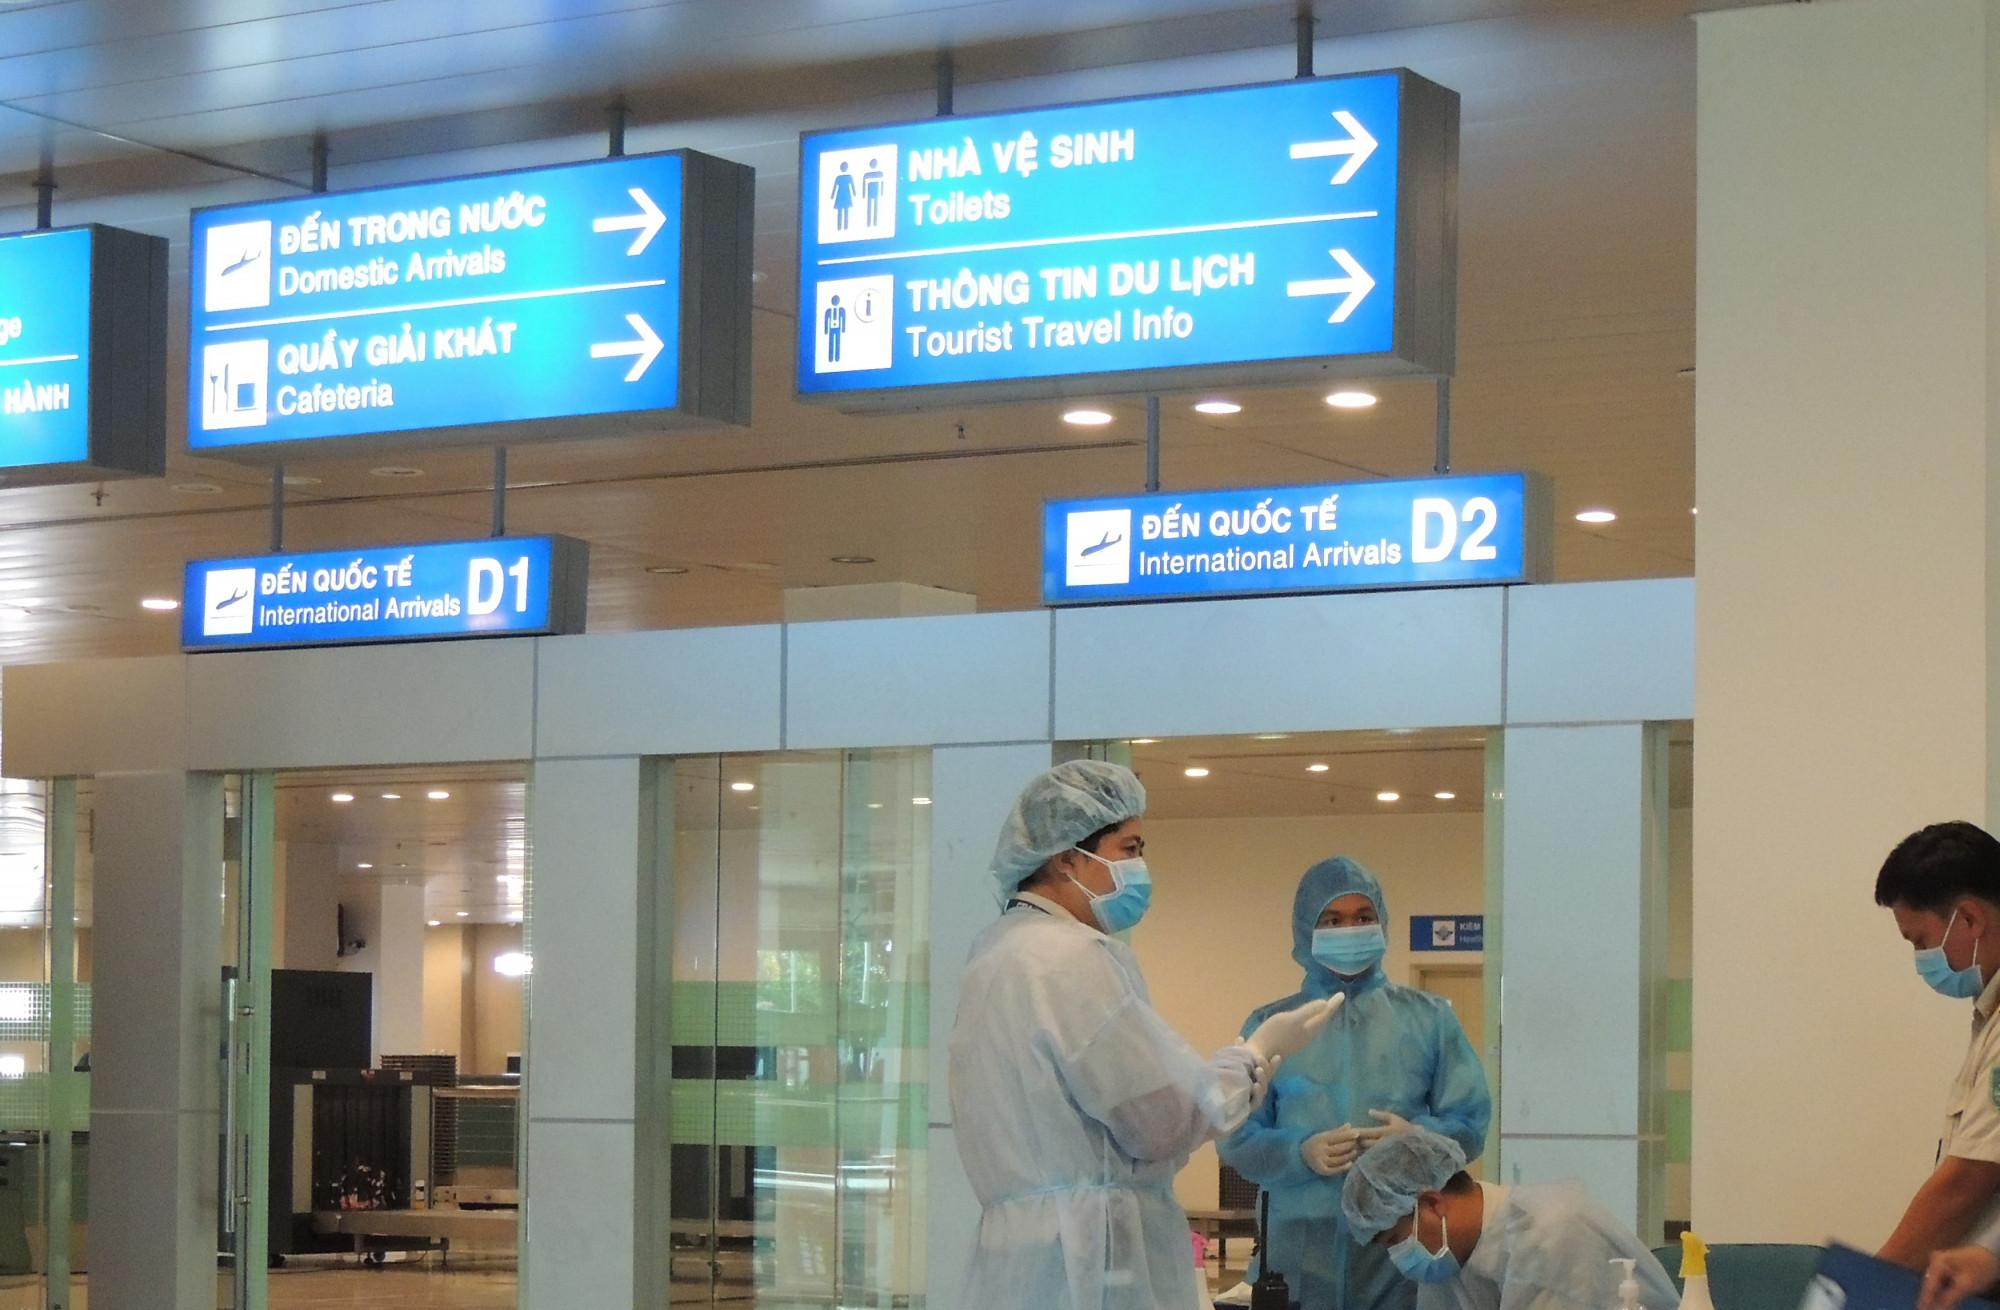 Hành khách phải thực hiện xét nghiệm có trả phí ngay tại sân bay...